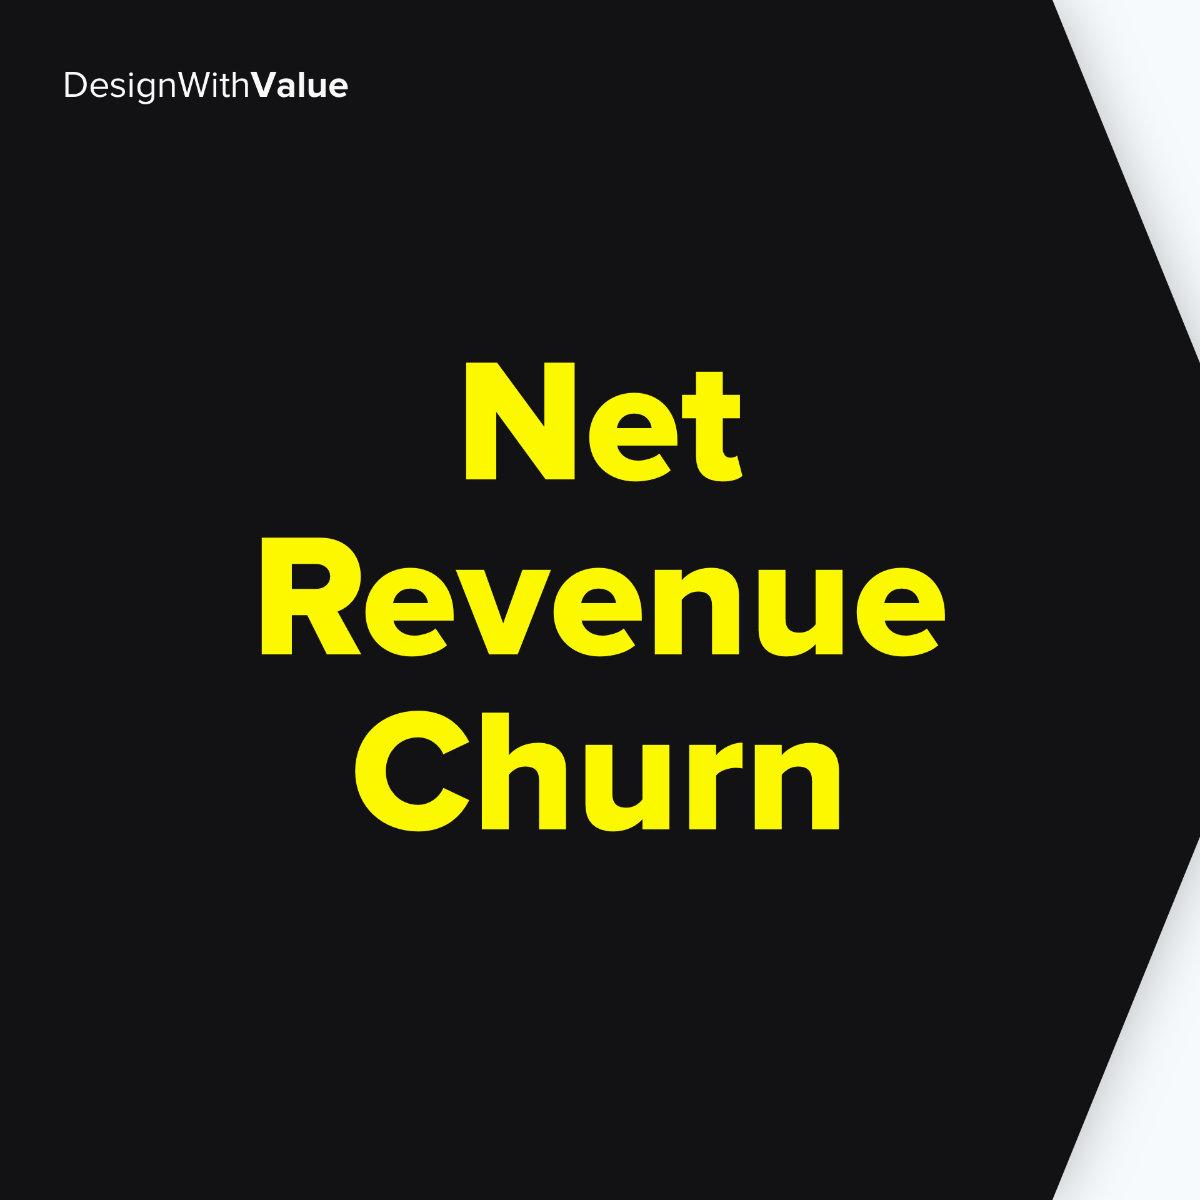 Net revenue churn means